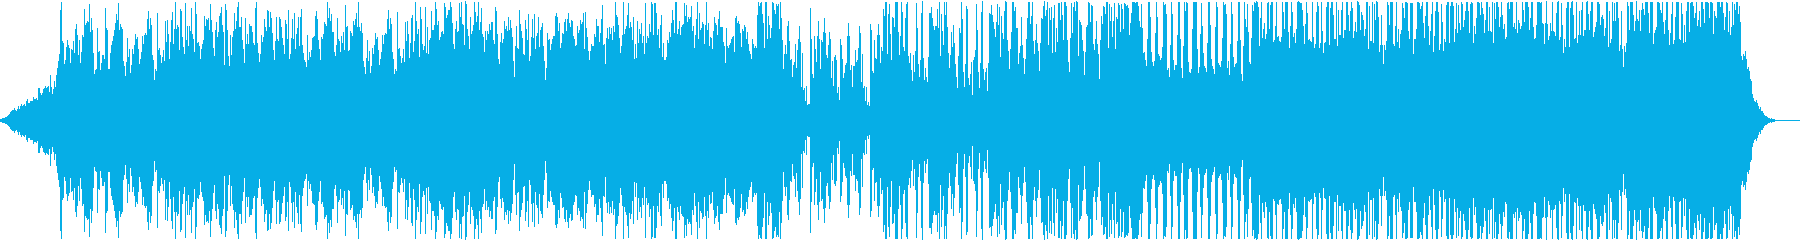 サイバー系の戦闘BGMの再生済みの波形